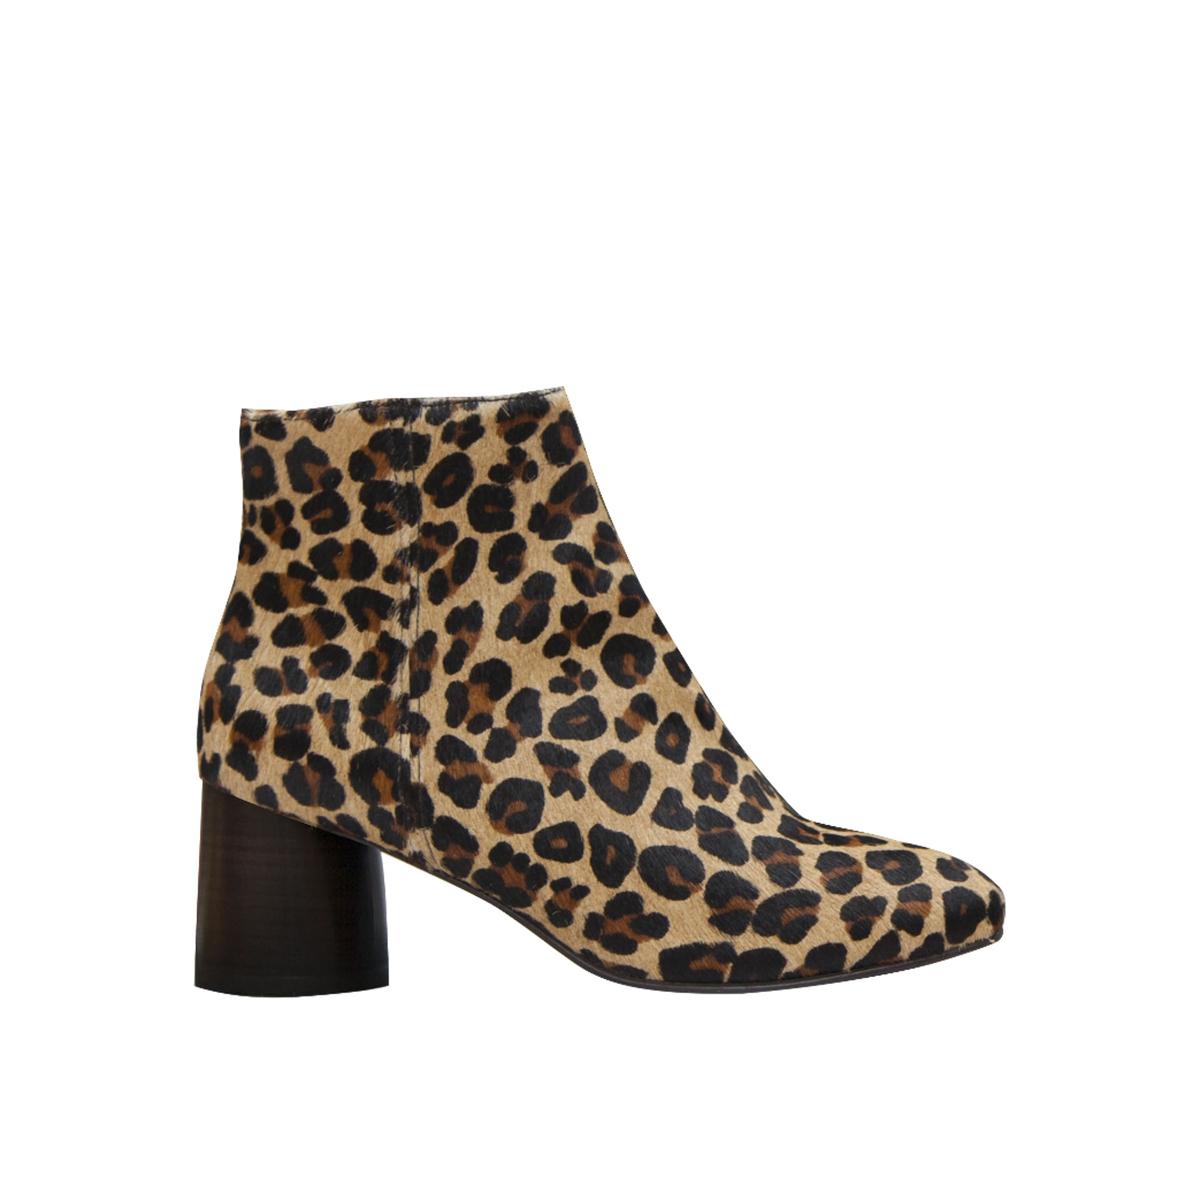 Botines de piel estilo leopardo con tacón Camden